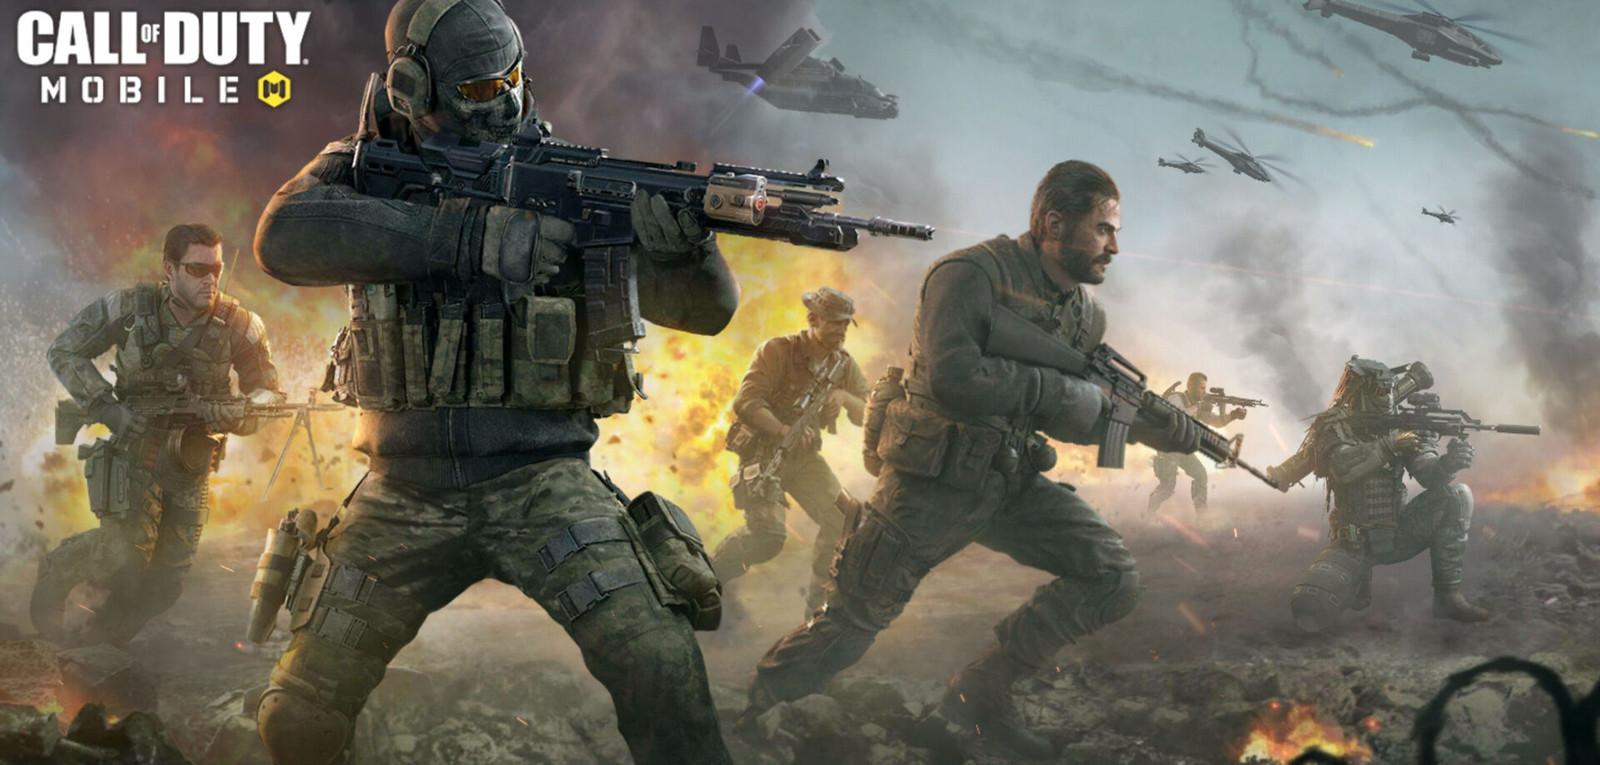 Het nieuwe seizoen van Call of Duty Mobile heeft een western-thema, voegt een nieuwe spelmodus toe en brengt één van de populairste Call of Duty-mappen terug: Dome.